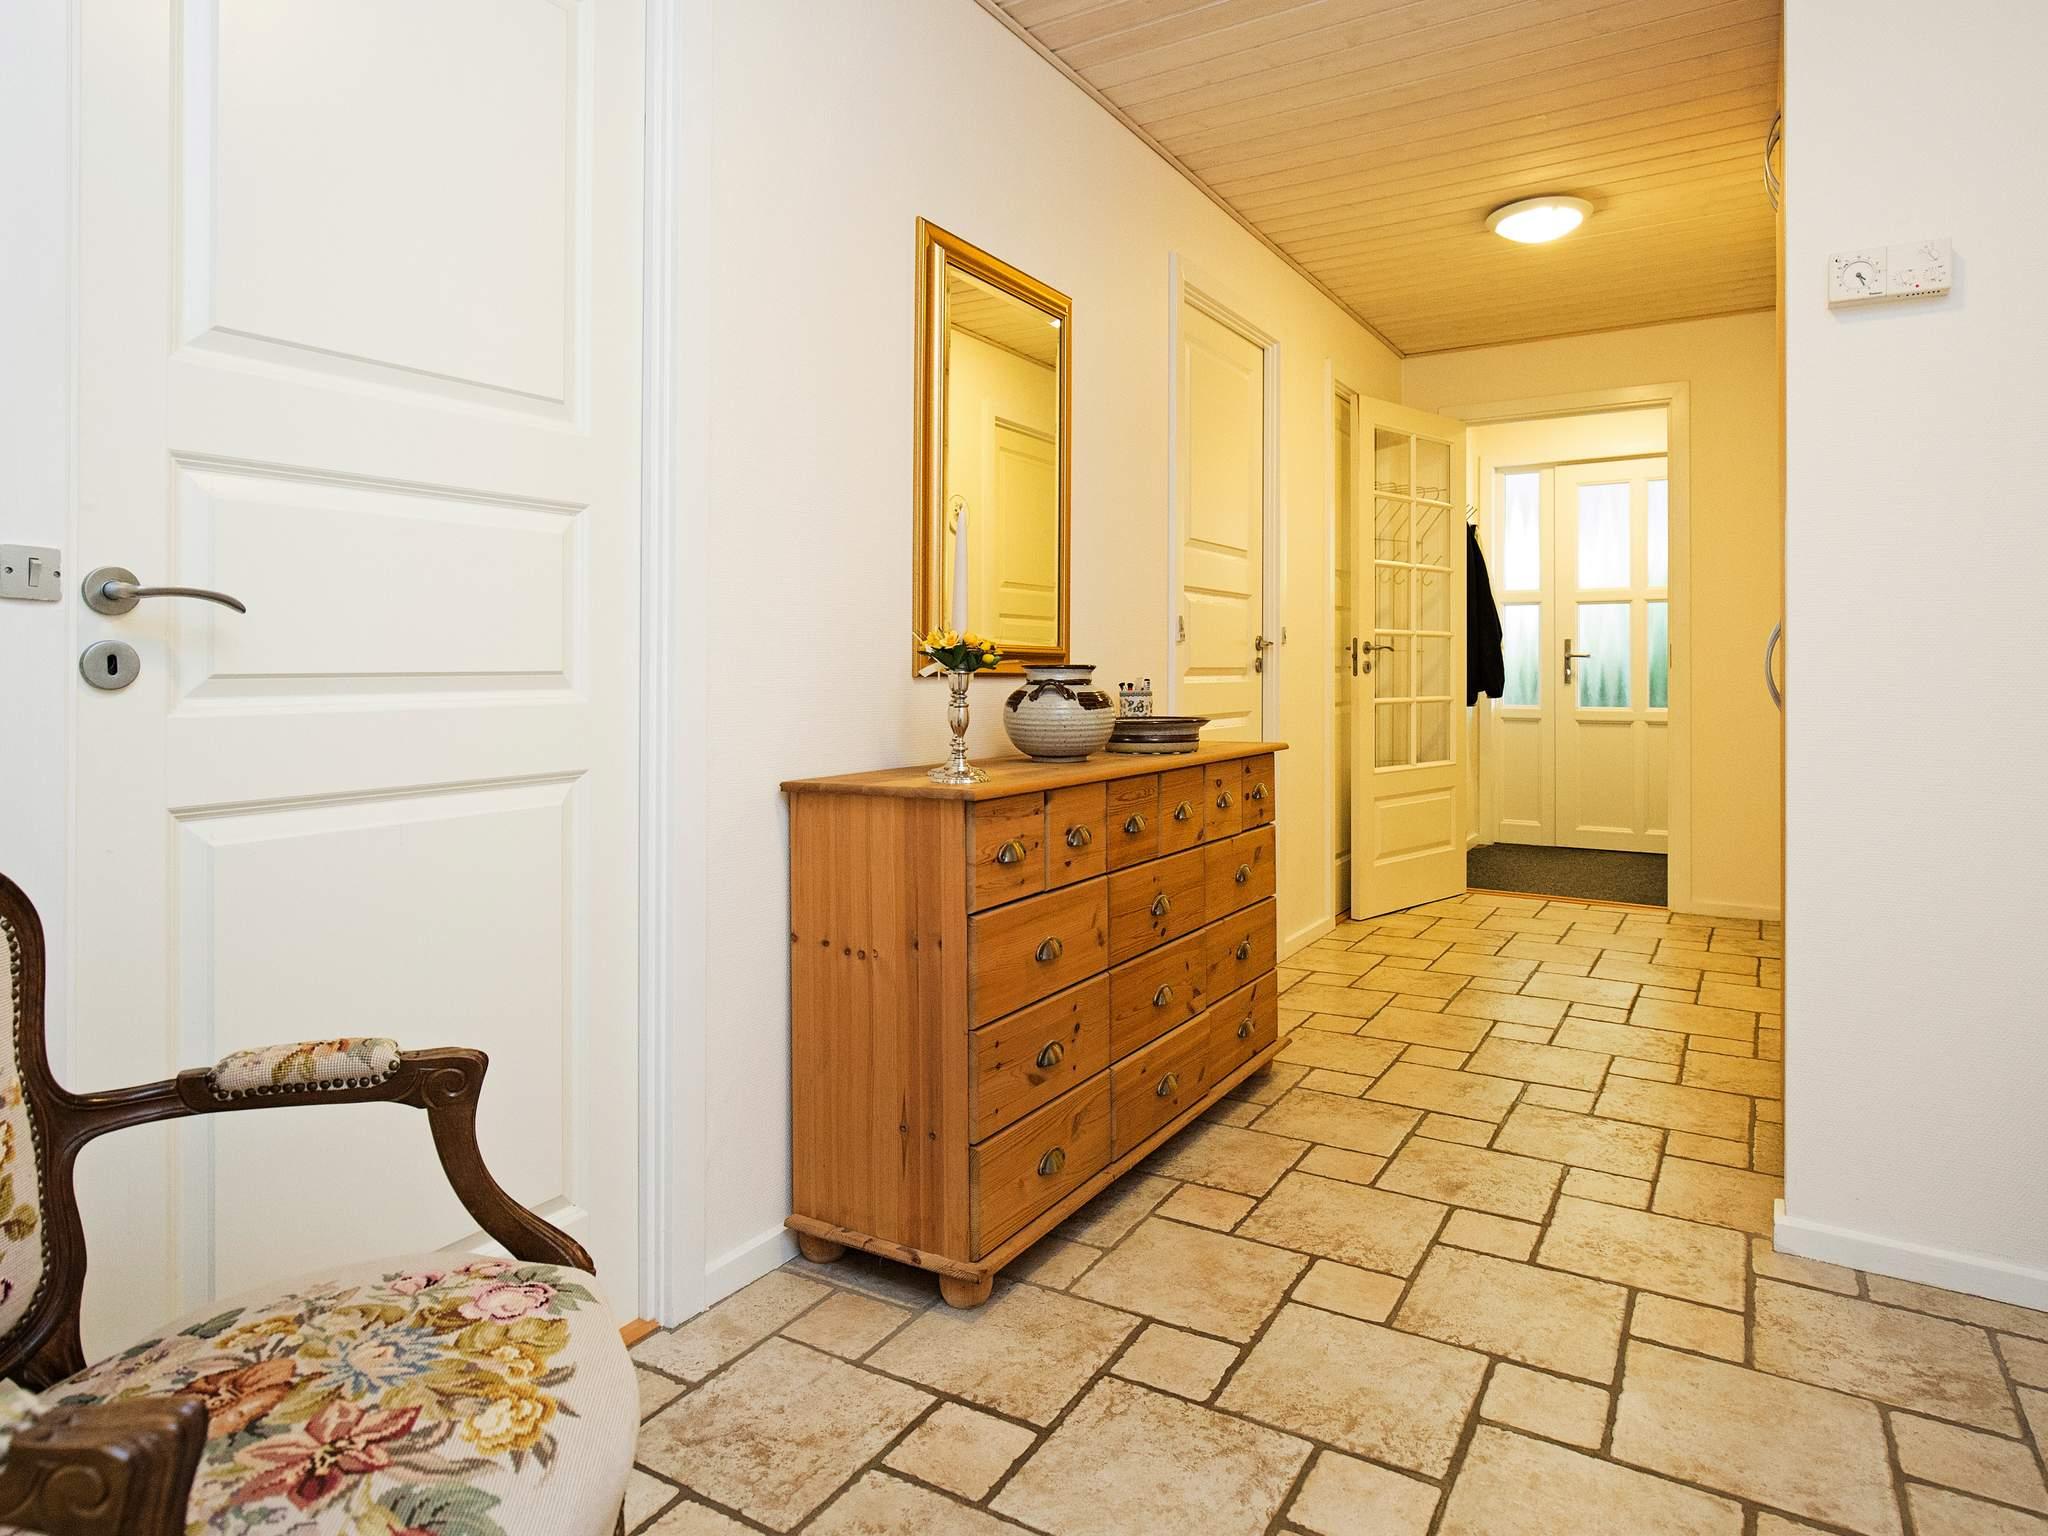 Ferienhaus Kobæk Strand (469719), Skælskør, , Westseeland, Dänemark, Bild 9